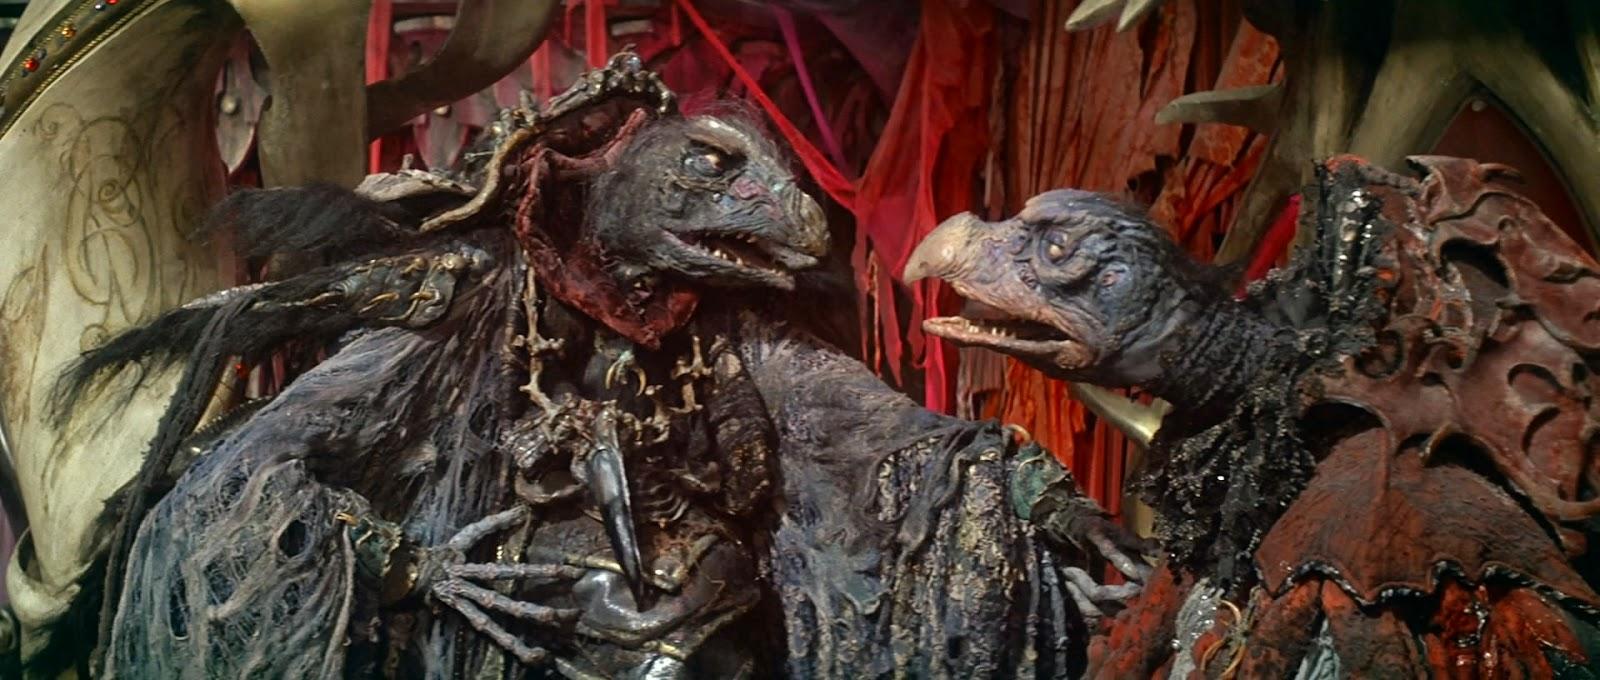 Skeksis, Dark Crystal, Jim Henson